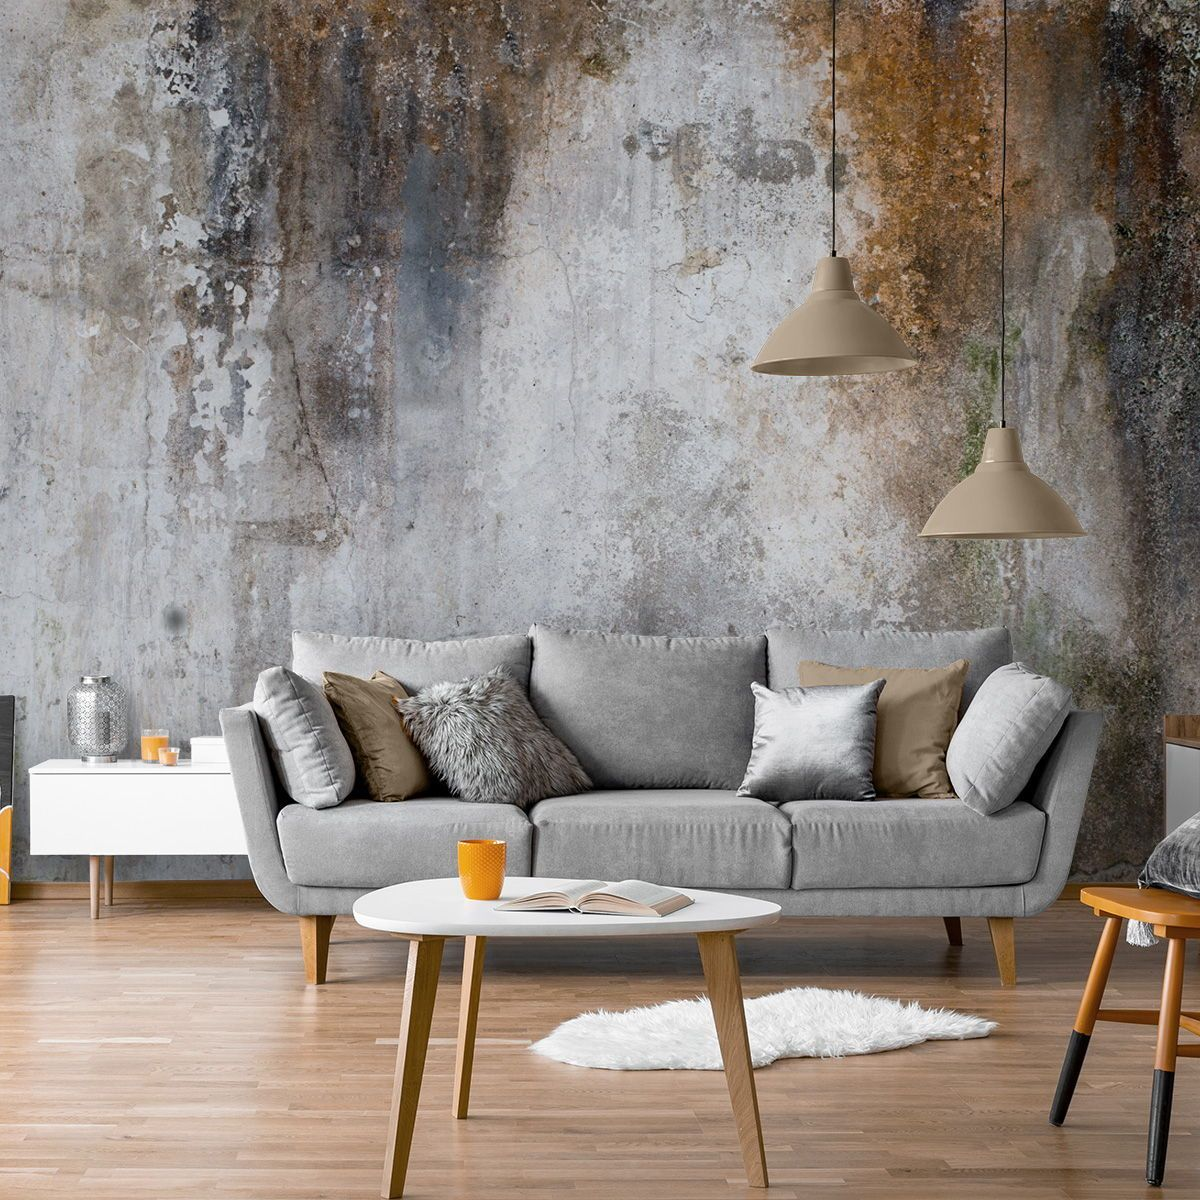 Aged Concrete Wallpaper Wallsauce Nz In 2020 Concrete Wallpaper Wallpaper Living Room Home Wallpaper